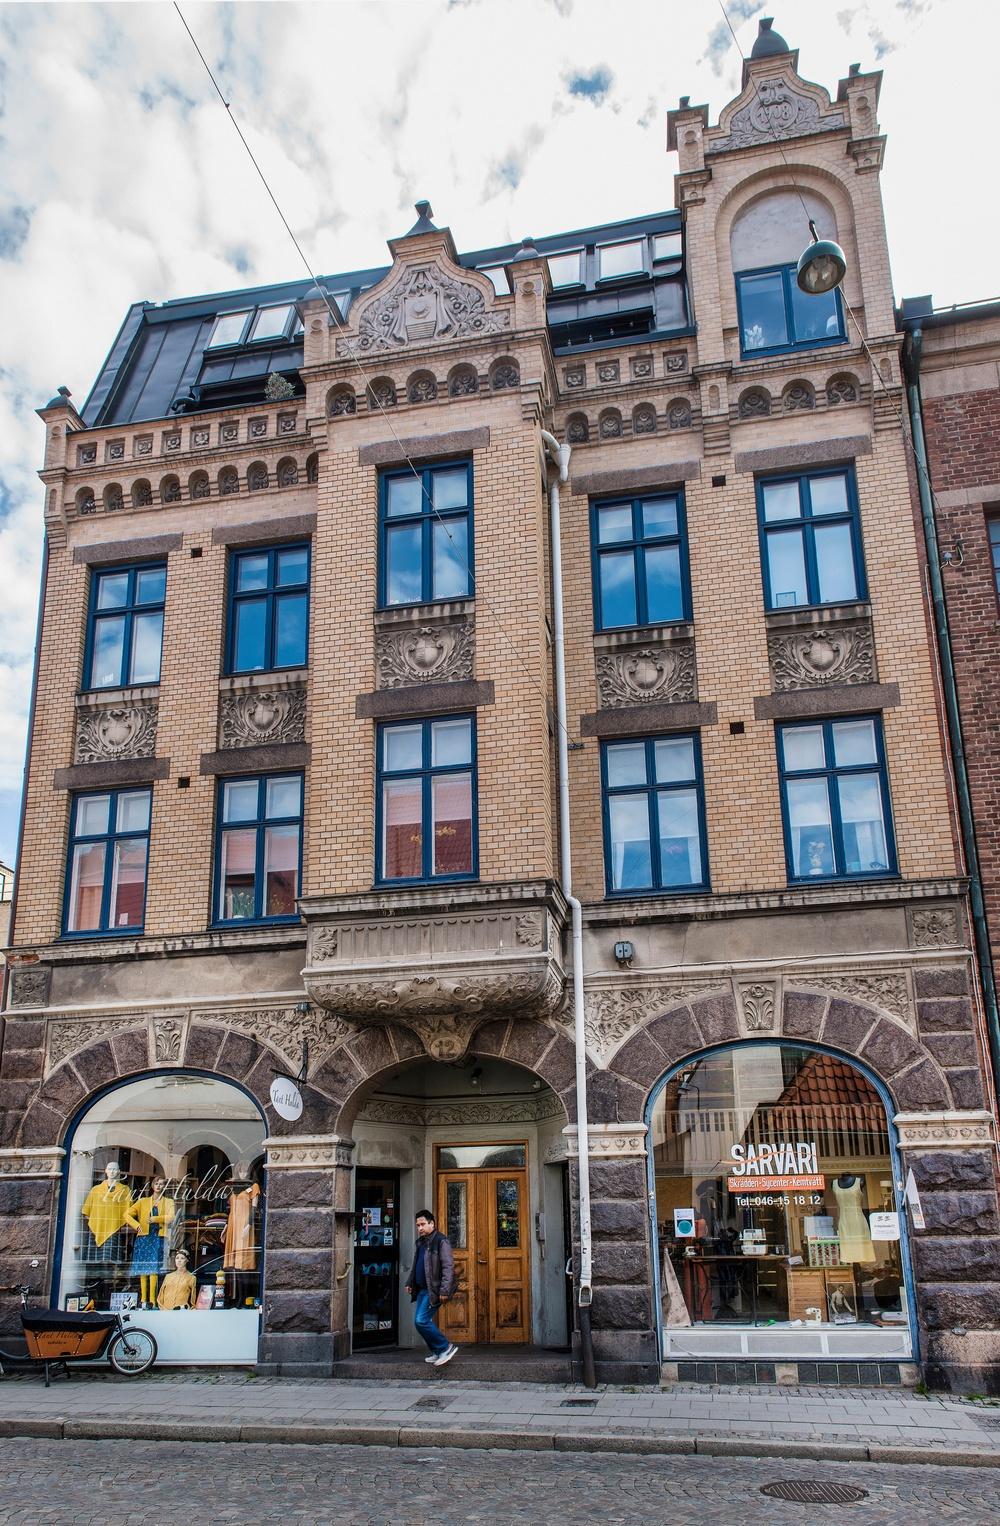 Huset där glasplåtarna hittades byggdes 1908 av den välkända fotografen Maria Jonn. Högst upp fanns en fotoatélje i två våningar. I bottenvåningen fanns, precis som idag, två affärslokaler. I den ena levererades bilderna till fotografens kunder. Över porten är namnet JONN skulpterat och högt upp, huggen i sten, finns en kamera med stativ och skynke. Foto: Viveca Oholsson/Kulturen